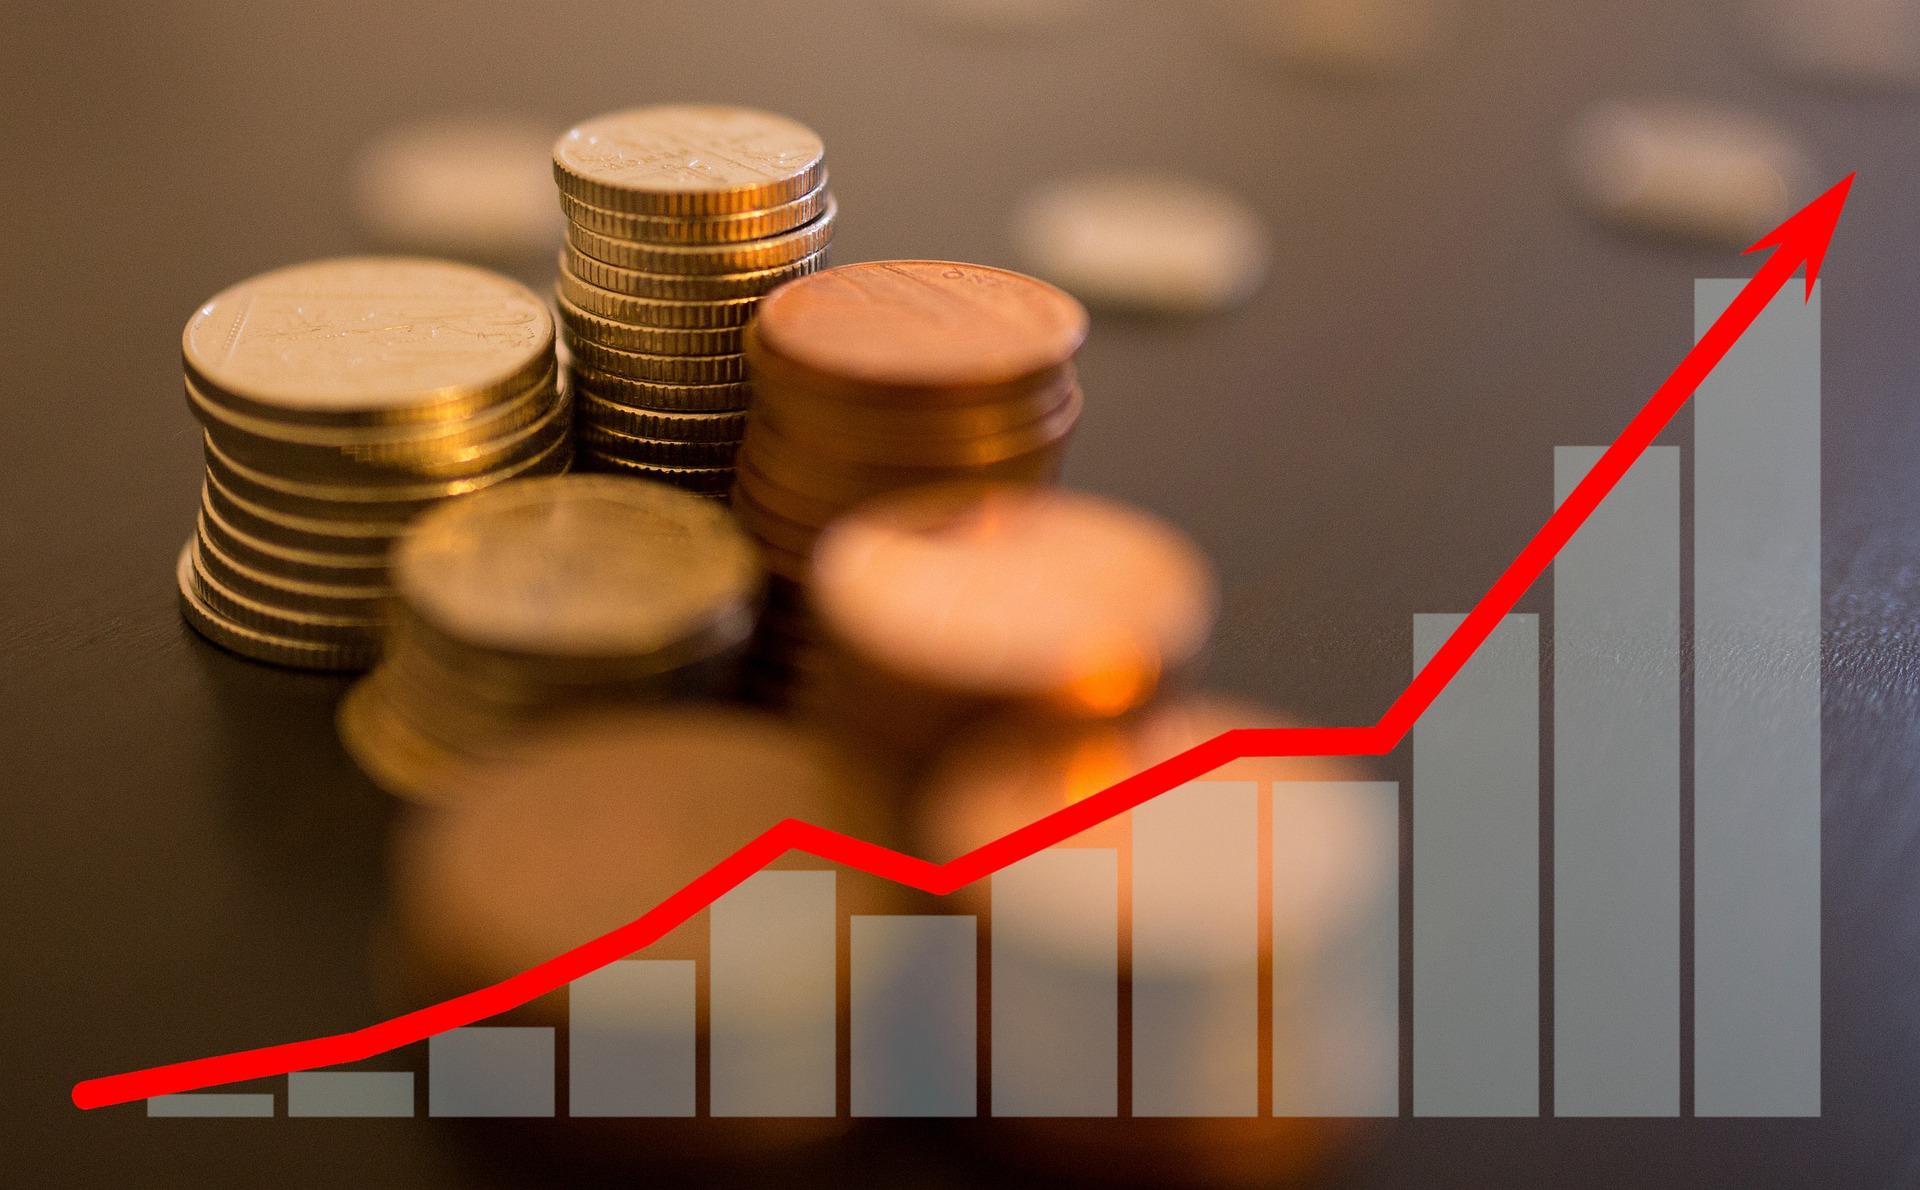 Инфляция в РФ будет долгосрочным явлением — Набиуллина